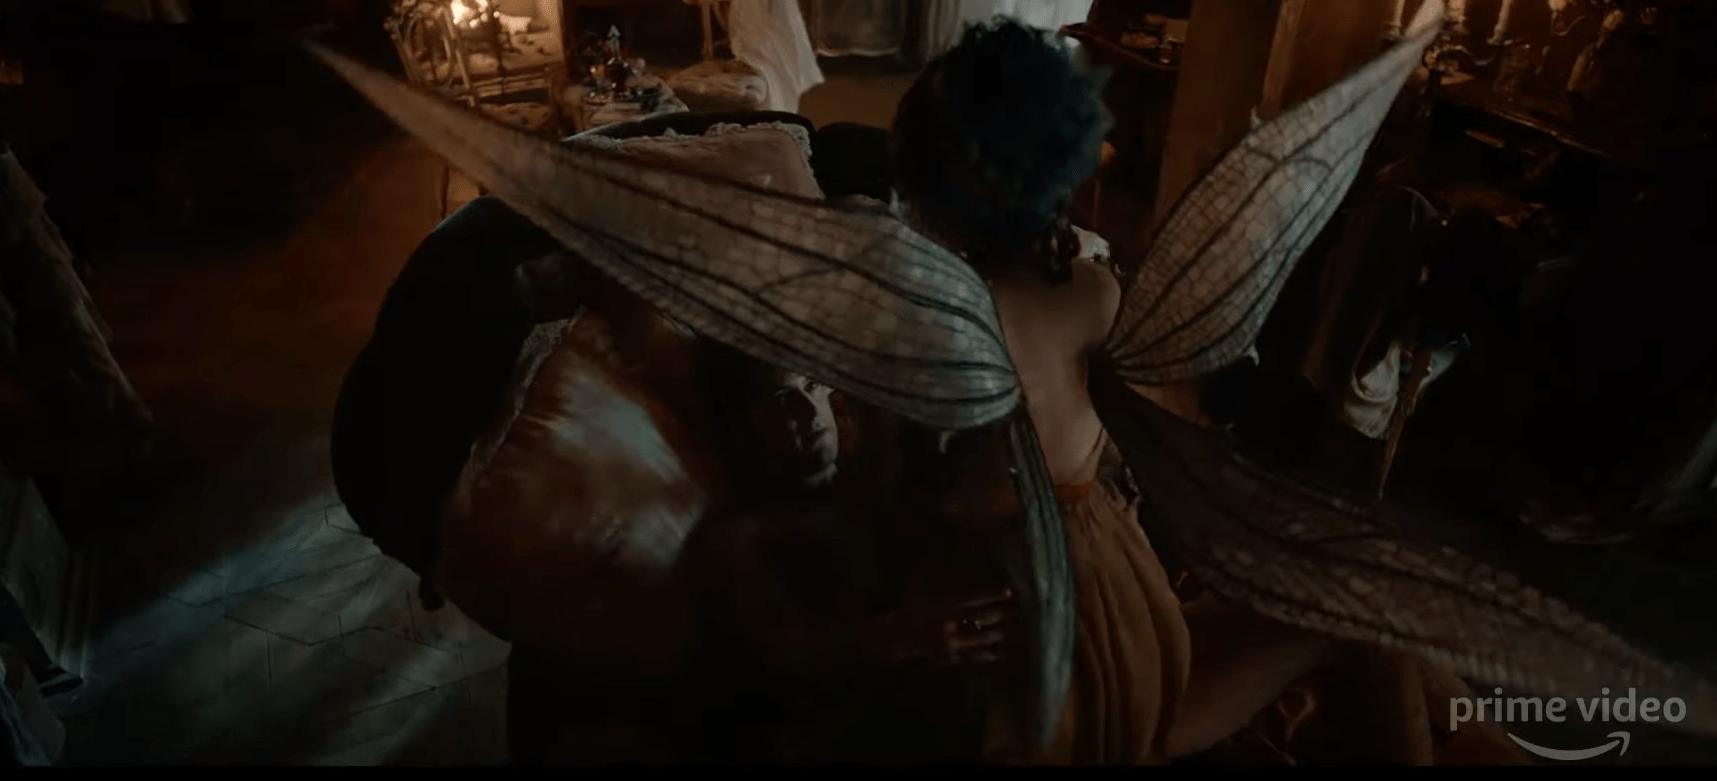 Два трейлера фэнтези-сериала Carnival Row — они рассказывают историю главных героев 5